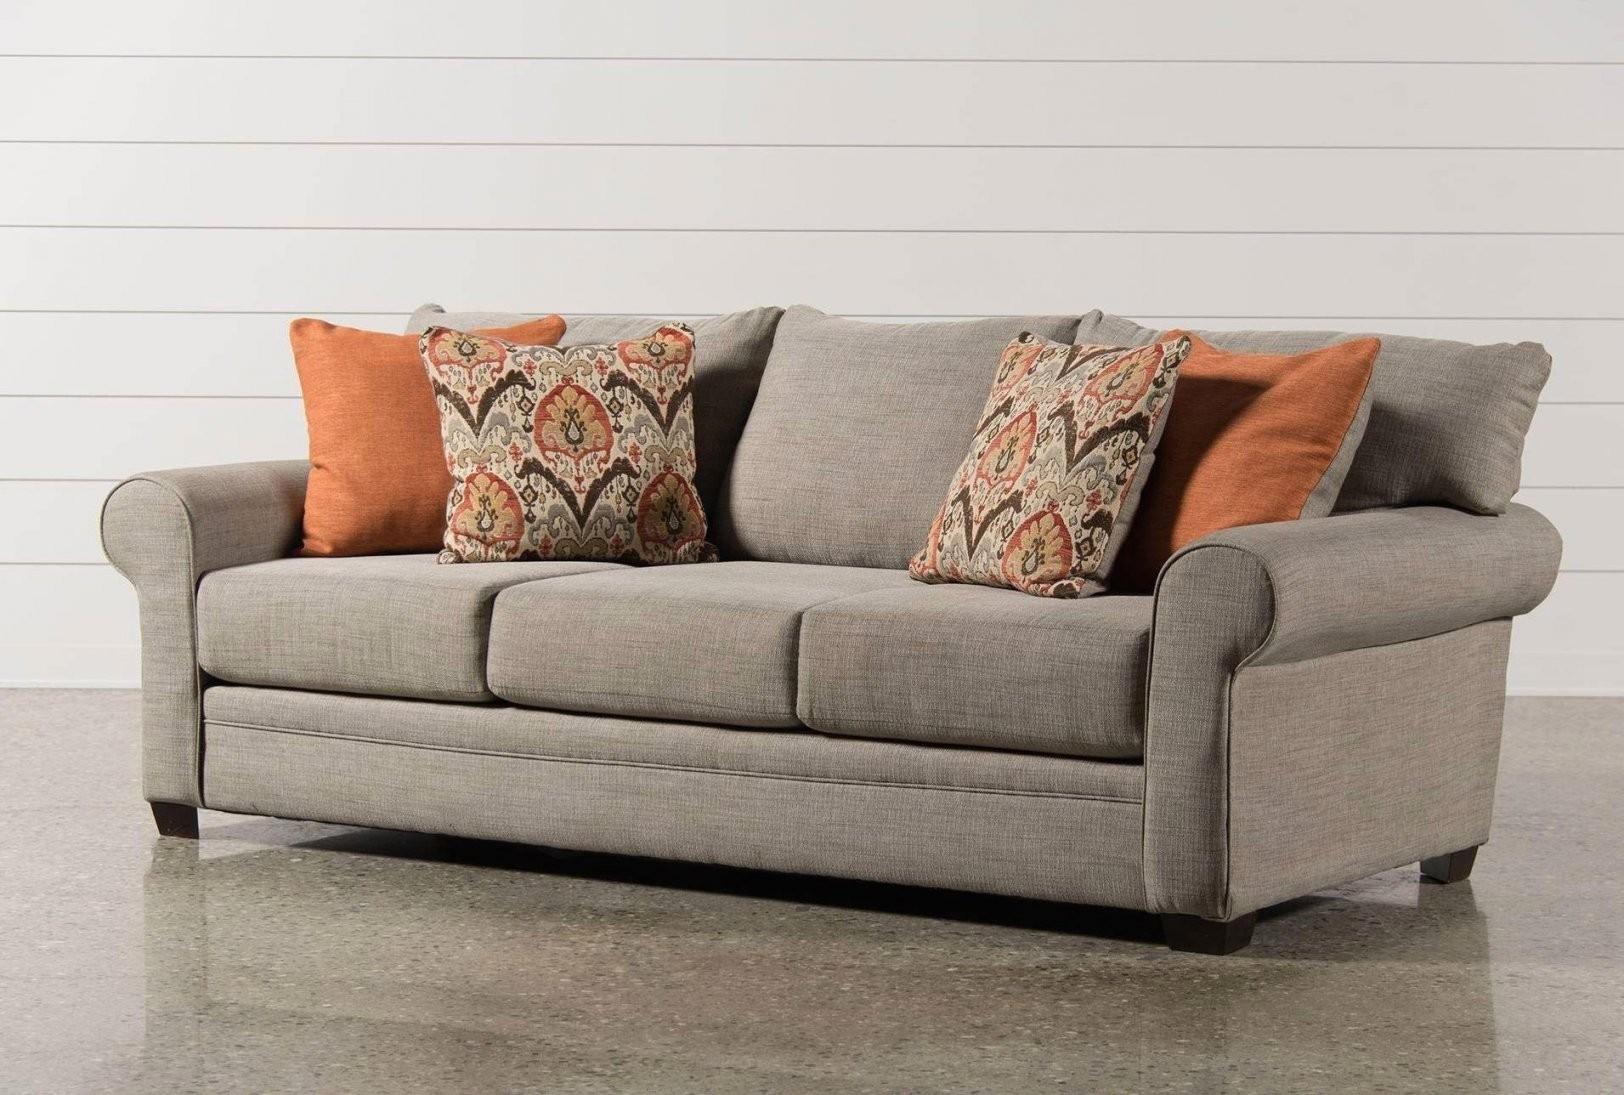 Sofa 3 Sitzer Landhausstil Awesome 18 Ungewöhnlich Schlafsofa 3 von Sofa 3 Sitzer Landhausstil Photo